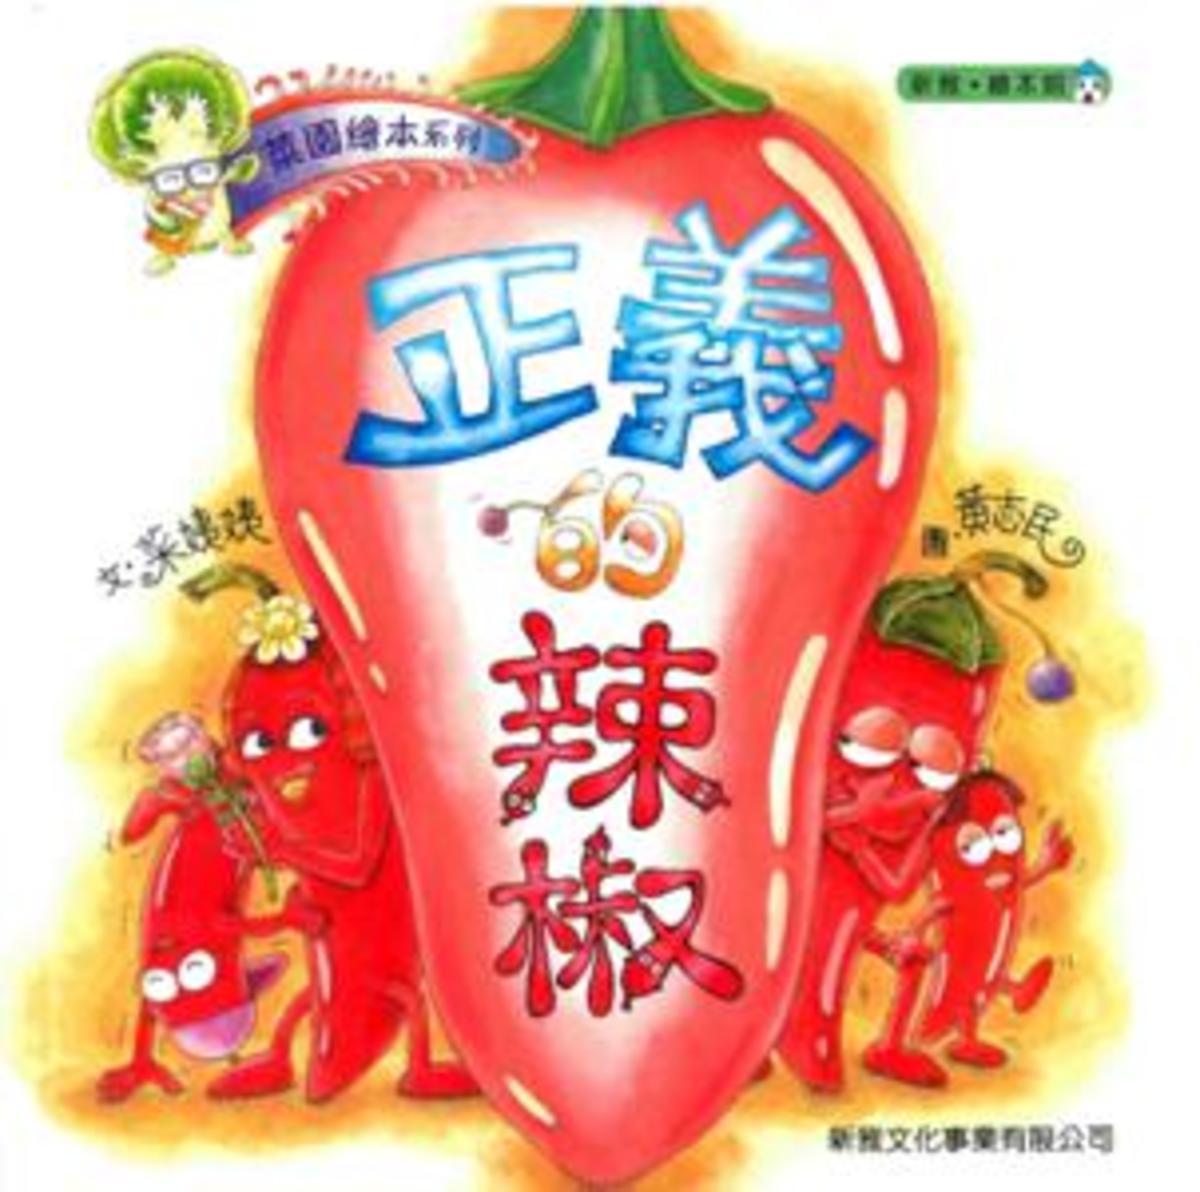 正義的辣椒-菜園繪本系列[新雅‧繪本館]